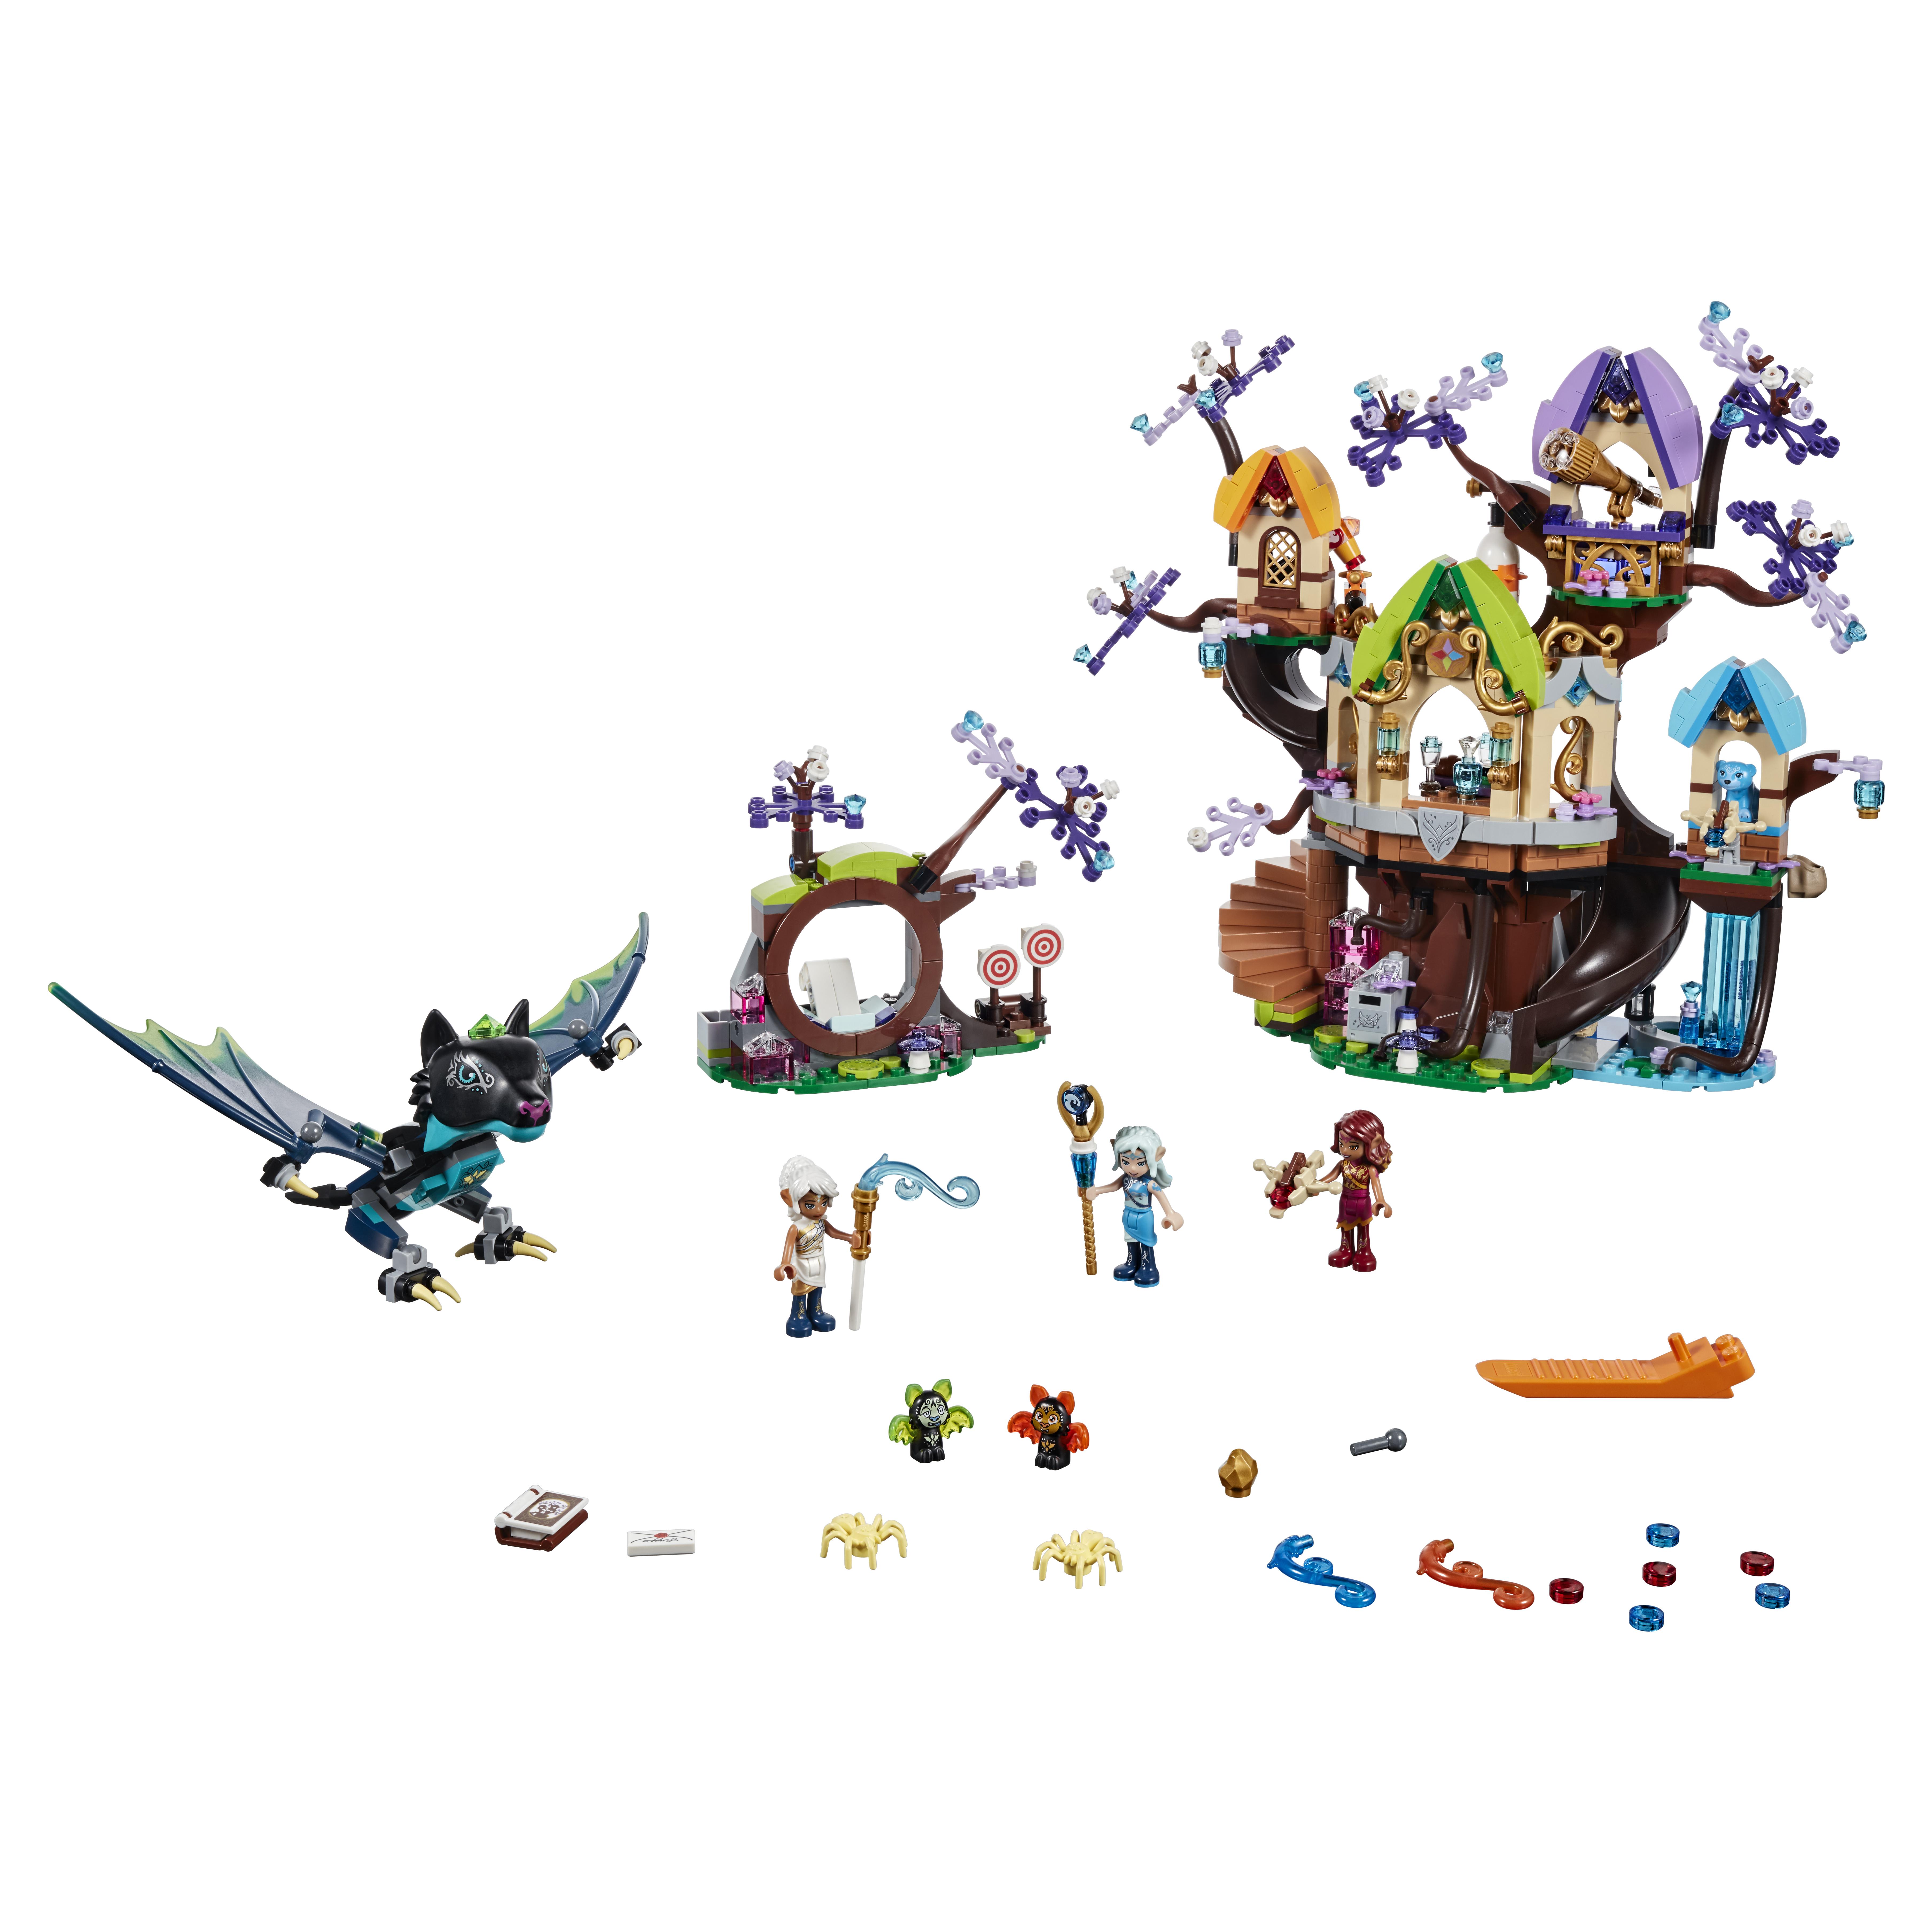 Конструктор LEGO Elves Нападение летучих мышей на Дерево эльфийских звёзд 41196 LEGO конструктор lego elves нападение летучих мышей на дерево эльфийс